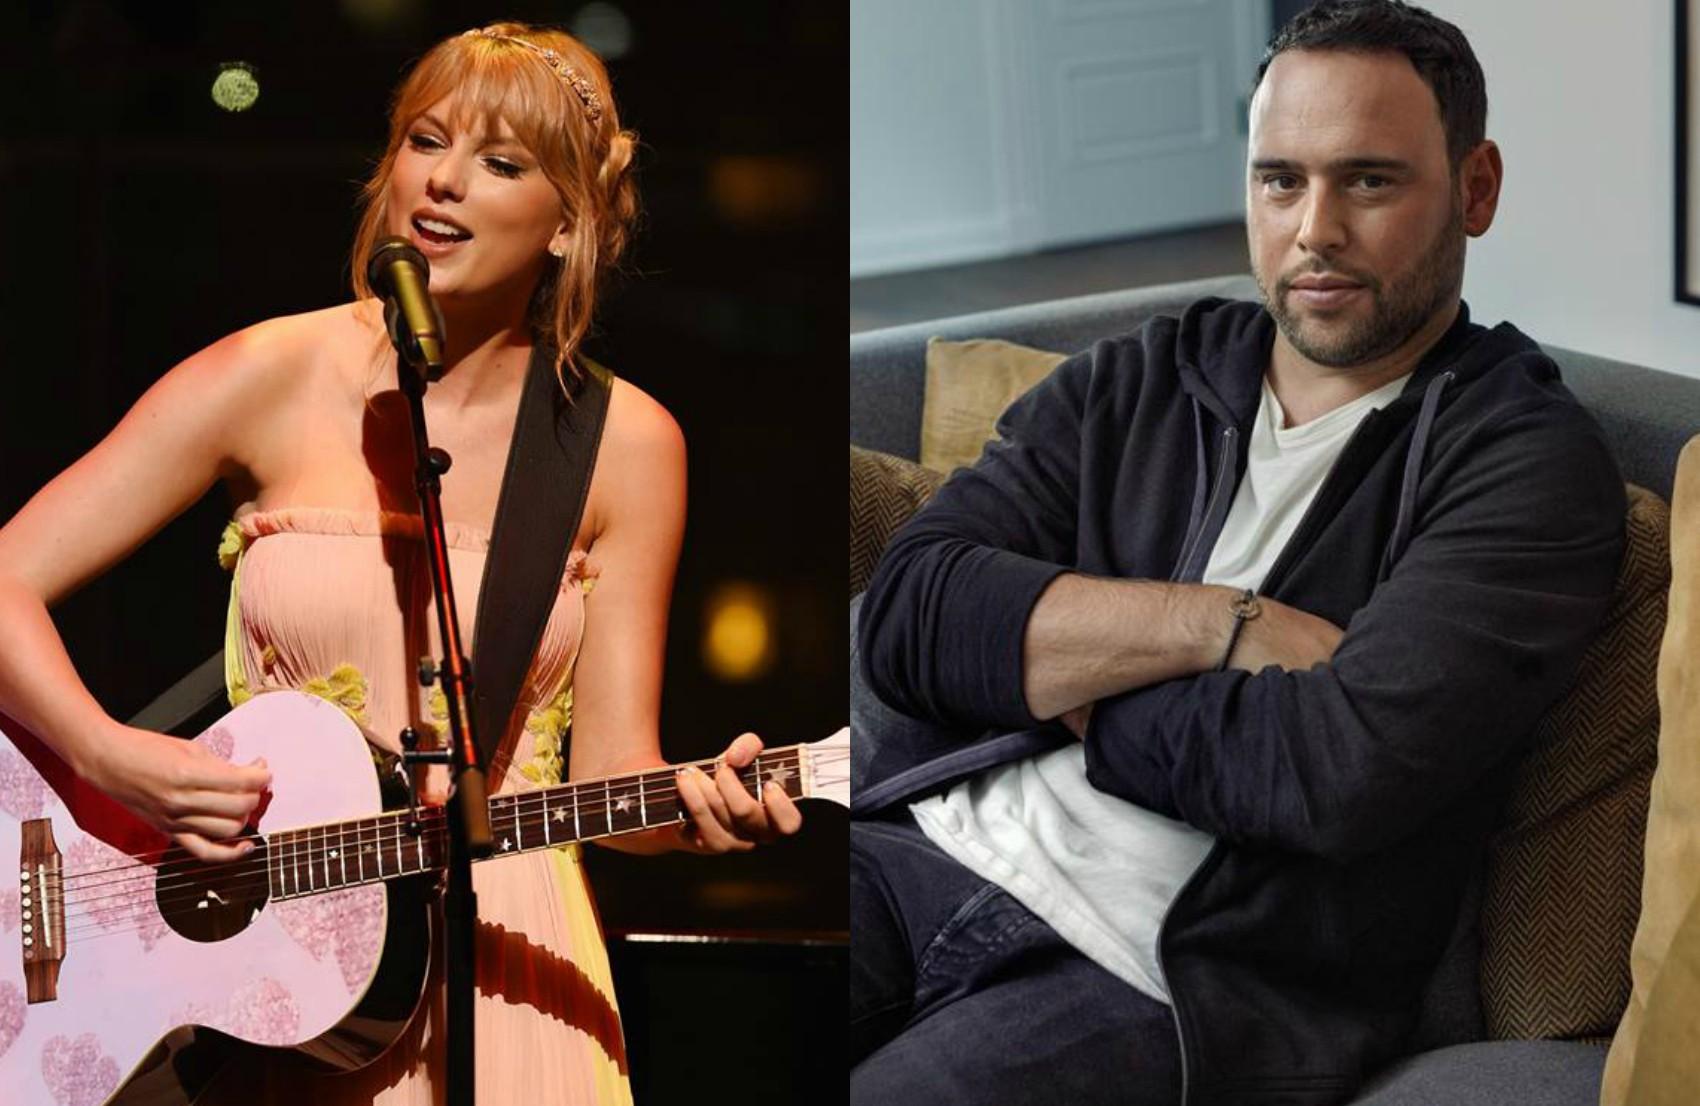 """Phải chăng Taylor Swift từng ám chỉ việc bị tước đoạt gia tài âm nhạc ngay từ album """"reputation""""? - Ảnh 1."""